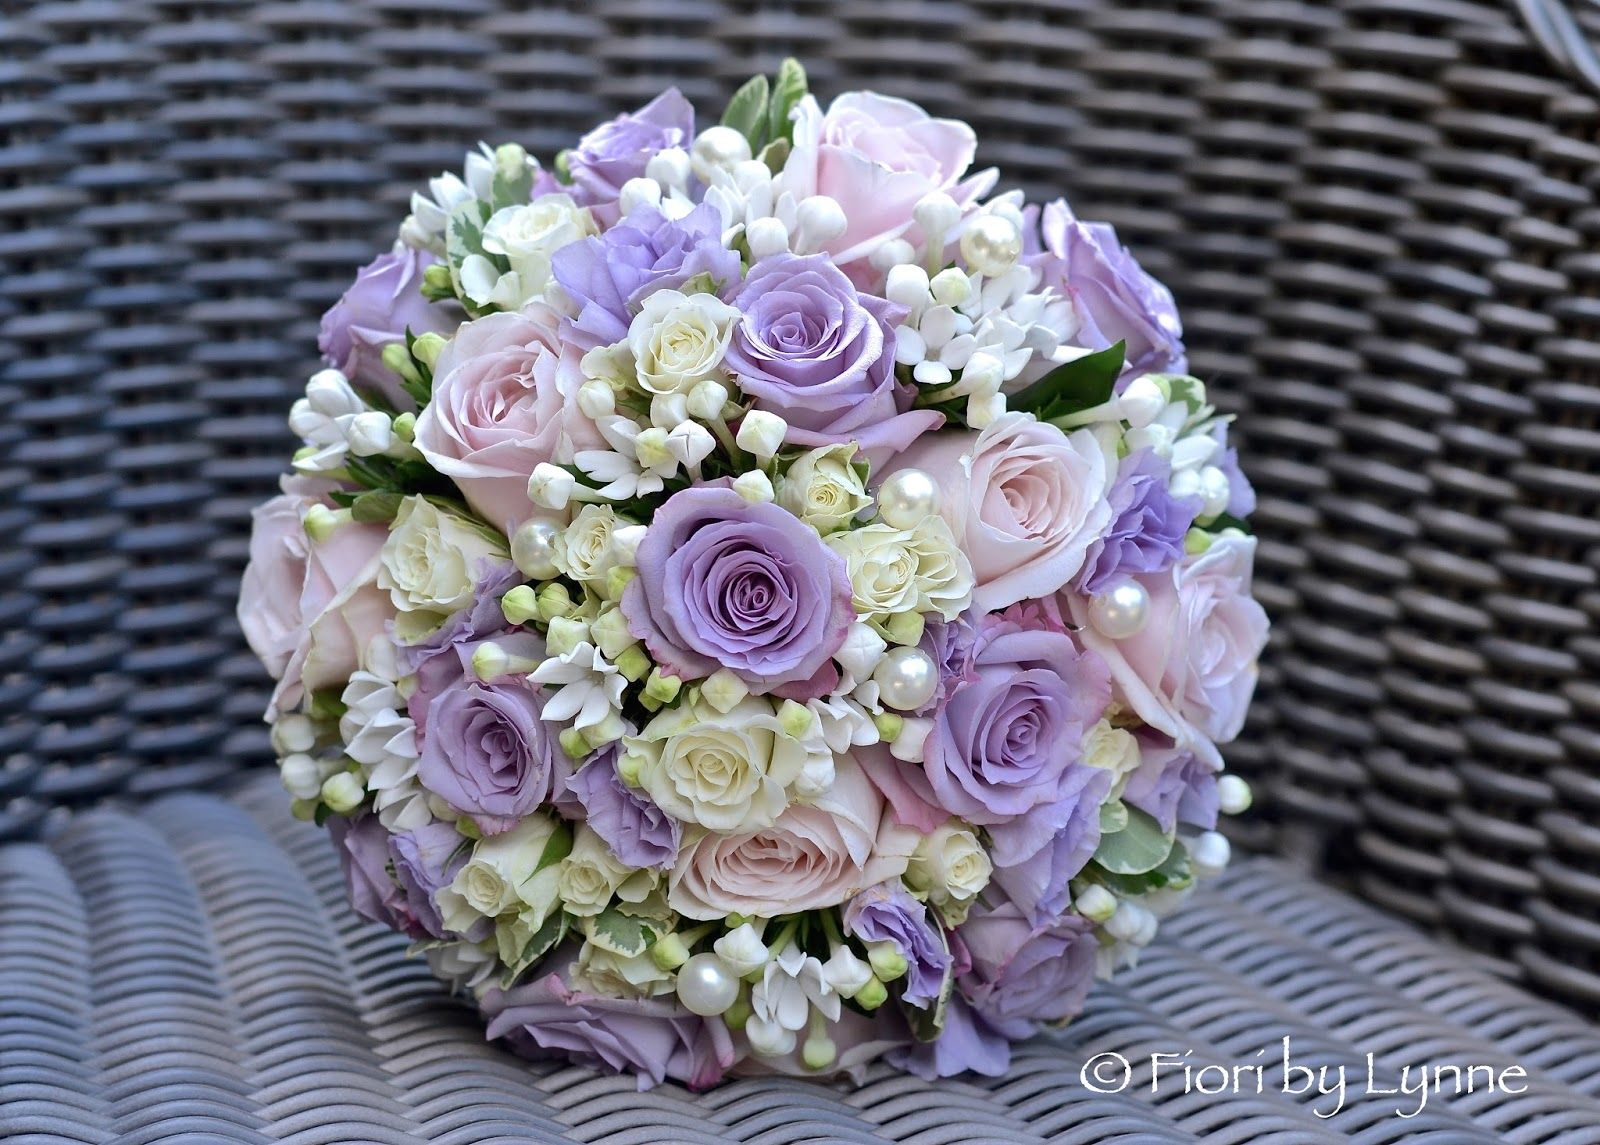 Fiori Per Bouquet Sposa Luglio.Pin Di Maria Su Bouquet Bouquet Matrimonio Fiori Per Matrimoni